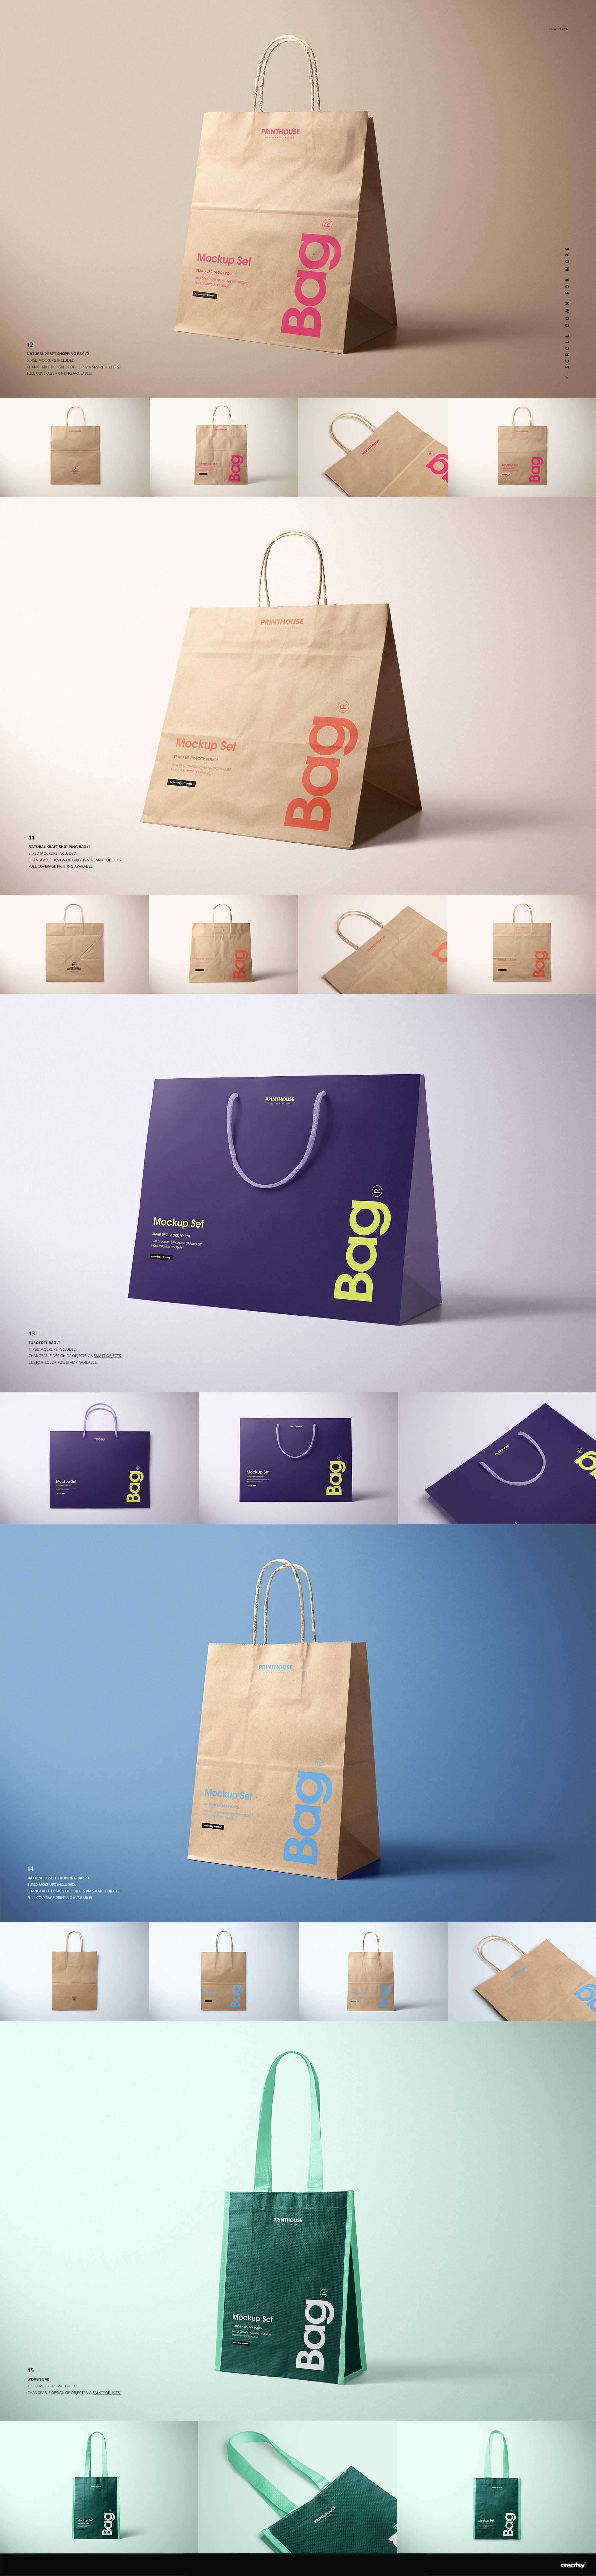 [淘宝购买] 273款时尚购物手提纸袋快递气泡塑料袋纸箱设计贴图PSD样机 Printhouse Mockups Bundle v.1插图(7)